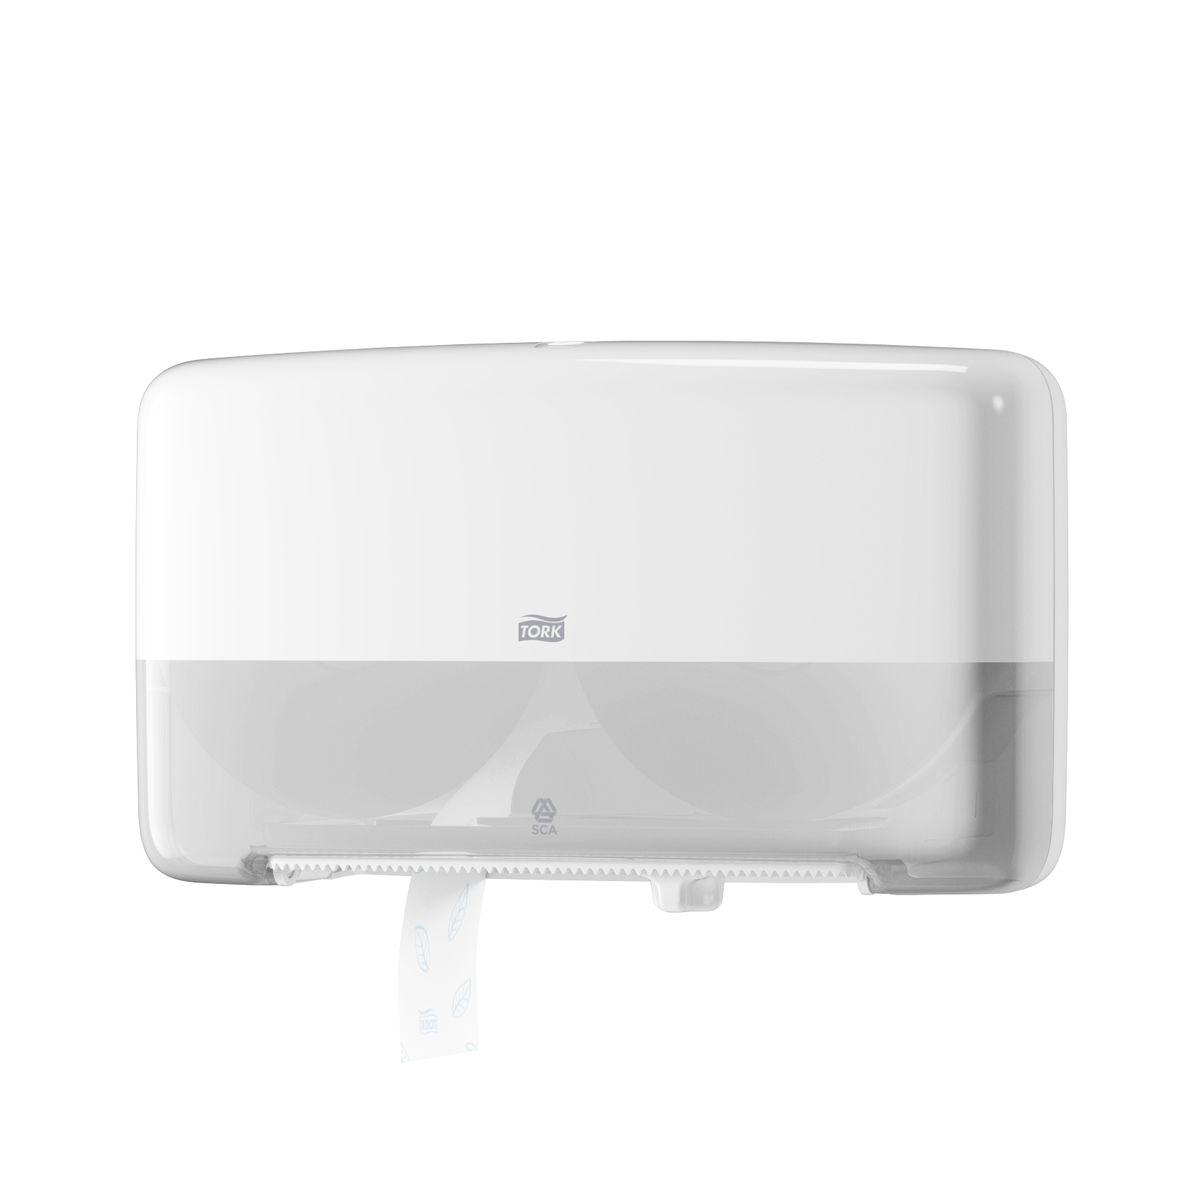 """Диспенсер для туалетной бумаги """"Tork"""" с системой T2 предназначен для туалетной бумаги в мини рулонах.  Диспенсер предназначен для туалетных комнат средней и высокой проходимости. Вмещает 2 мини-рулона туалетной бумаги Tork Т2. Диспенсер очень компактный, емкость до 340м. Вмещает запасной рулон. Доступ к запасному рулону открывается, после окончания основного рулона. 100% использование каждого рулона. Стопор для плавного вращения и предотвращения перерасхода."""